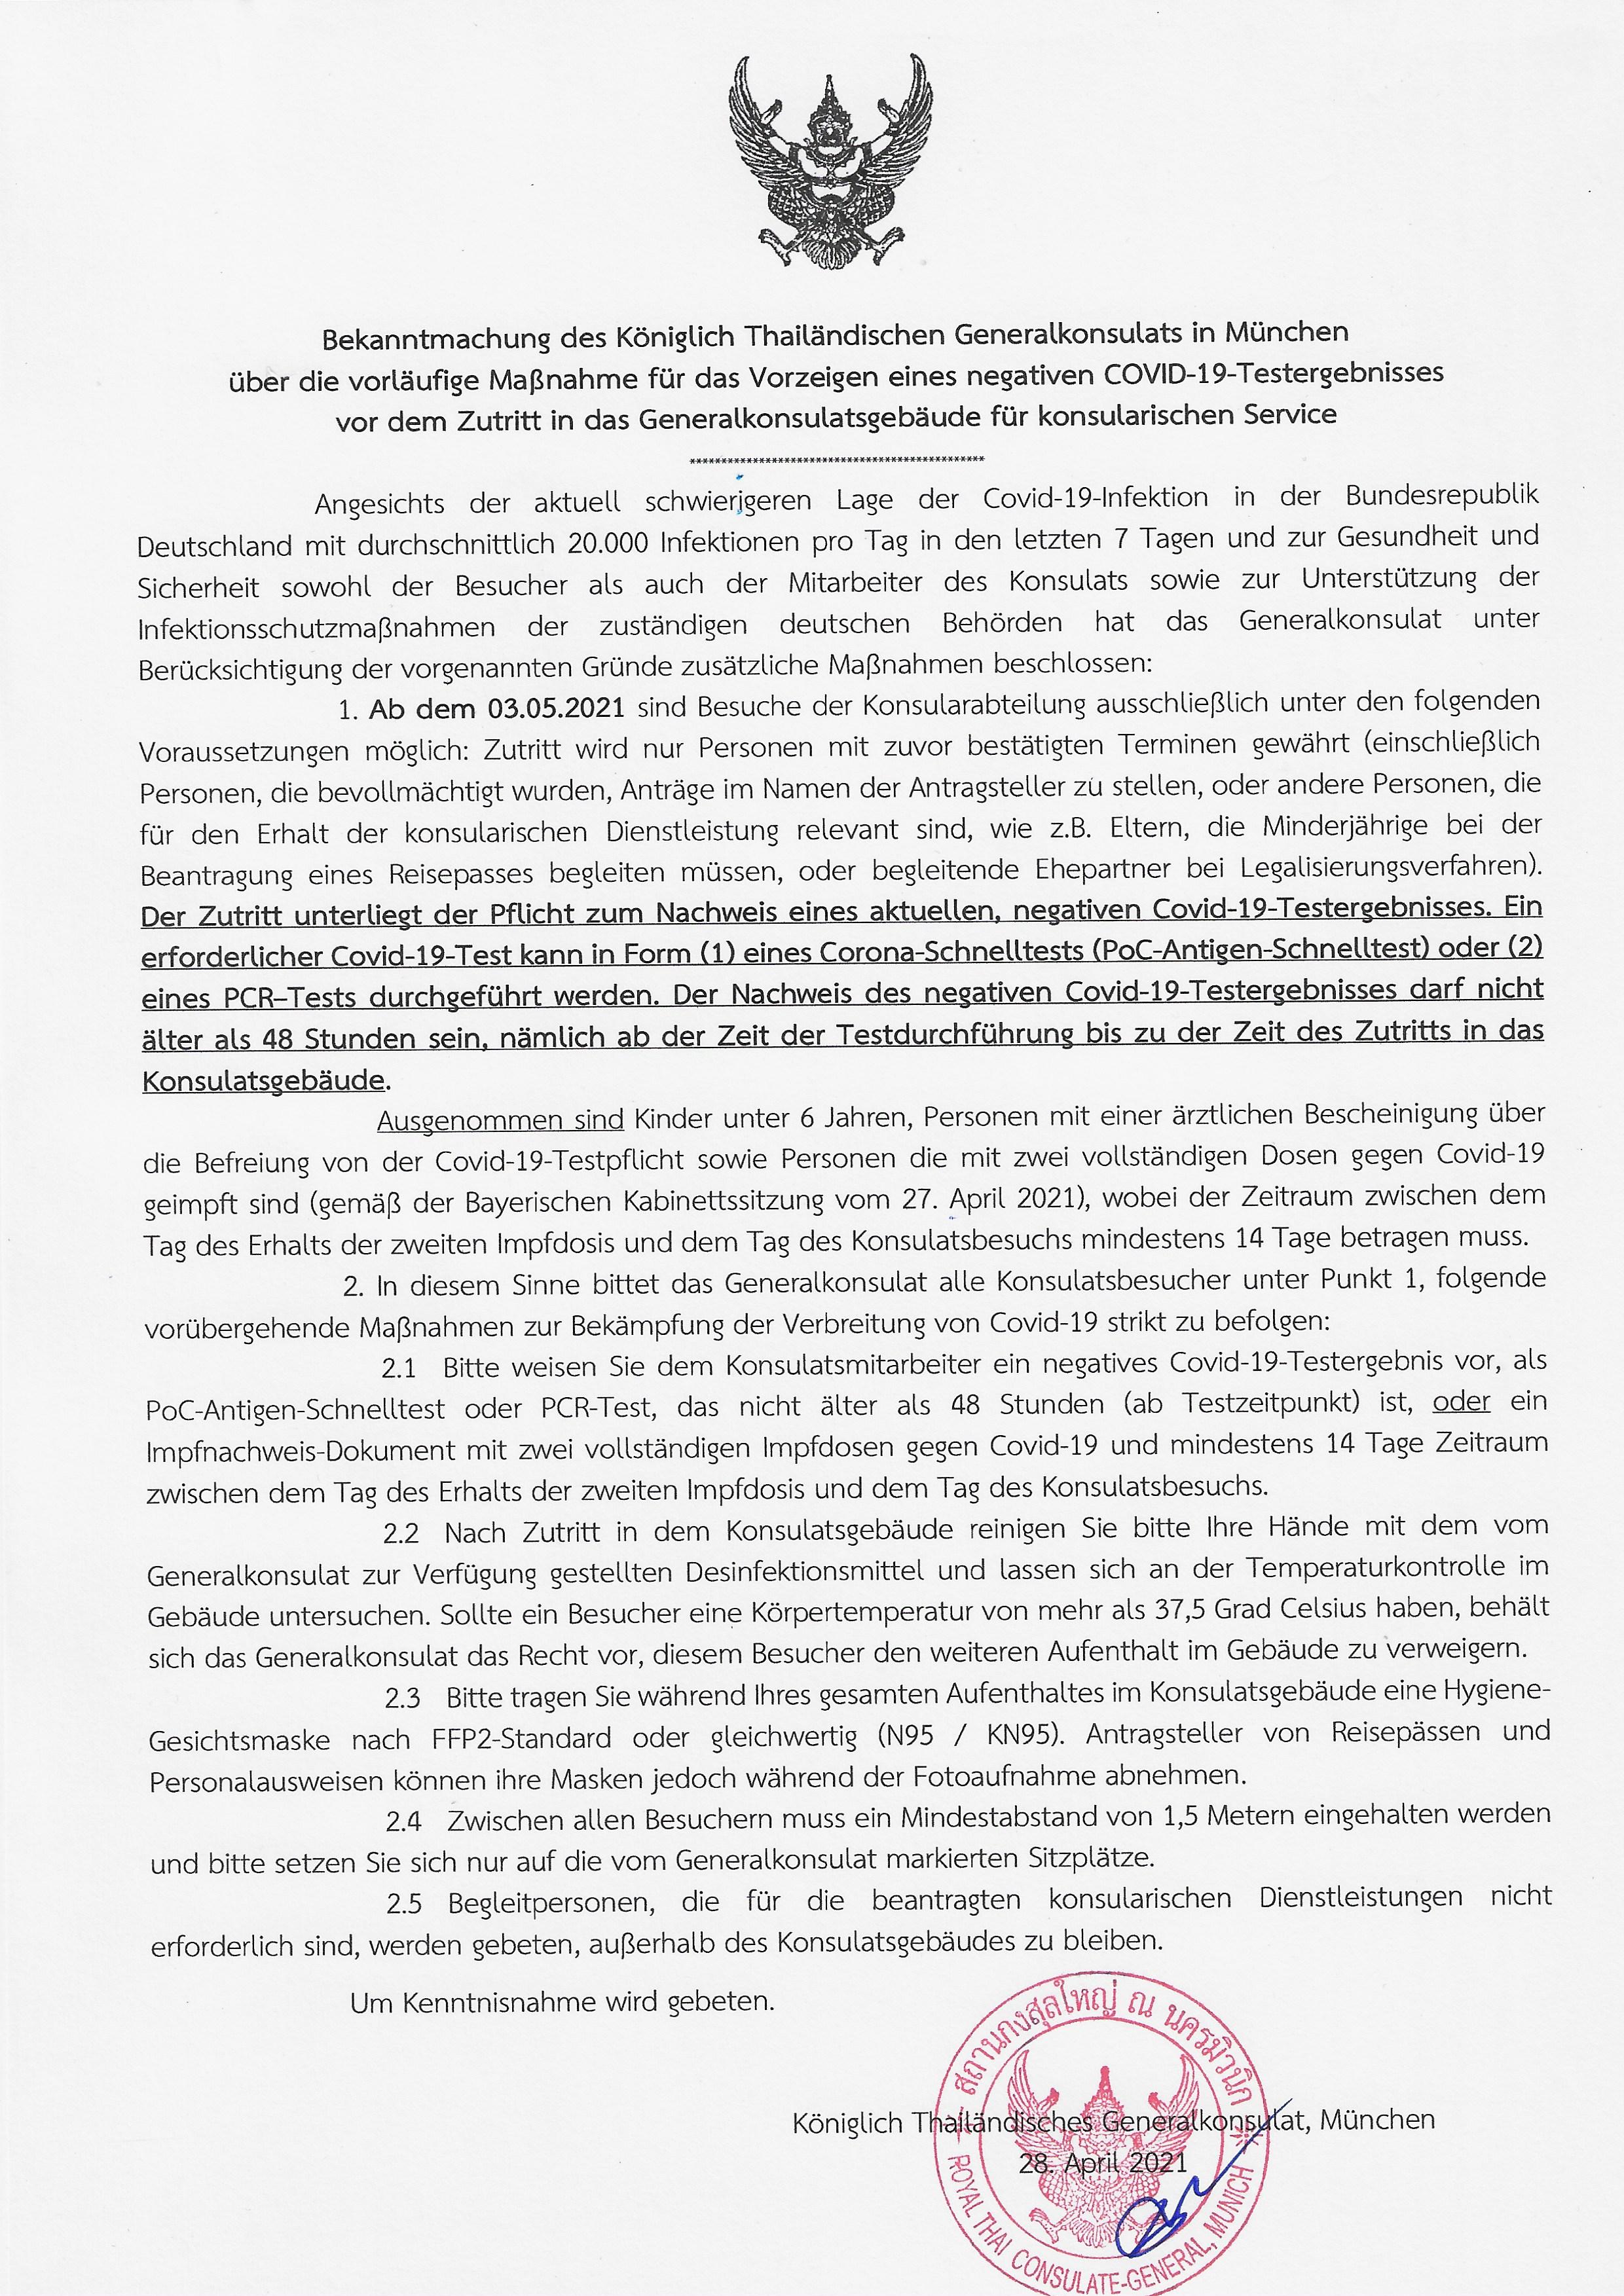 RTCGM-Anno-de-Mandatory-Covid-19-testing-before-entering-RTCG